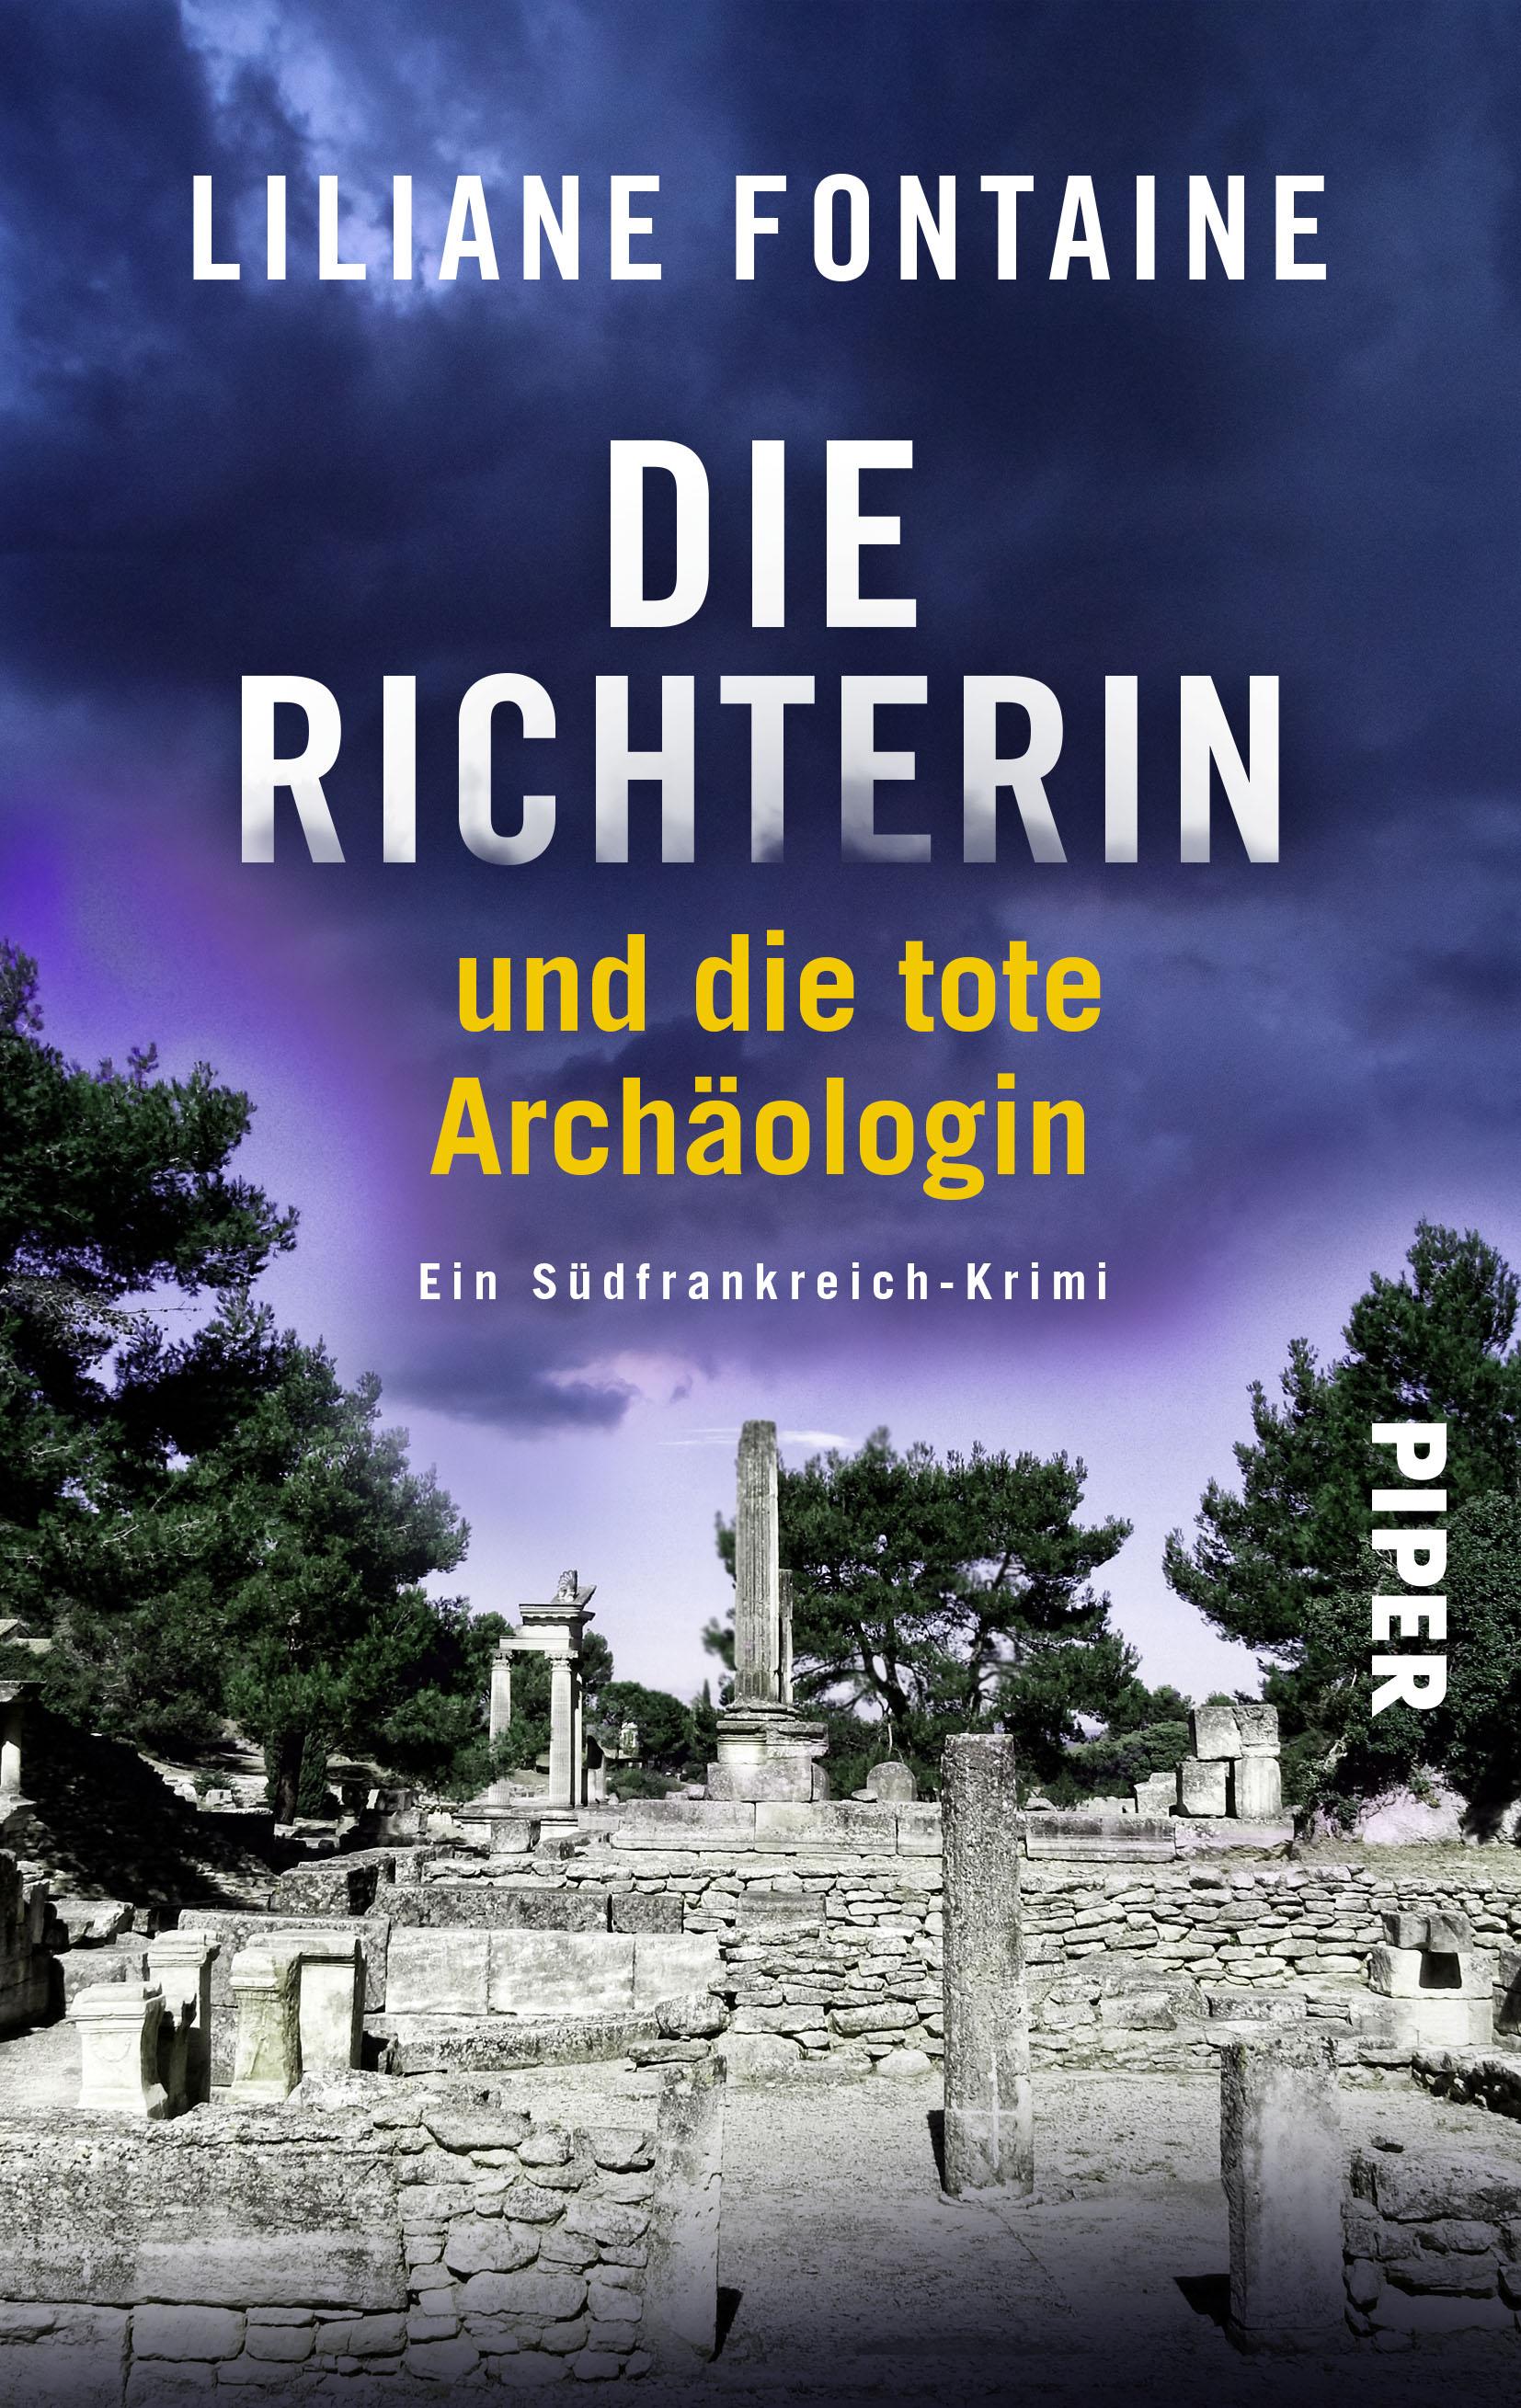 """""""Die Richterin und die tote Archäologin"""" Lesung mit Liliane Fontaine in der Stadtbibliothek Saarlouis"""